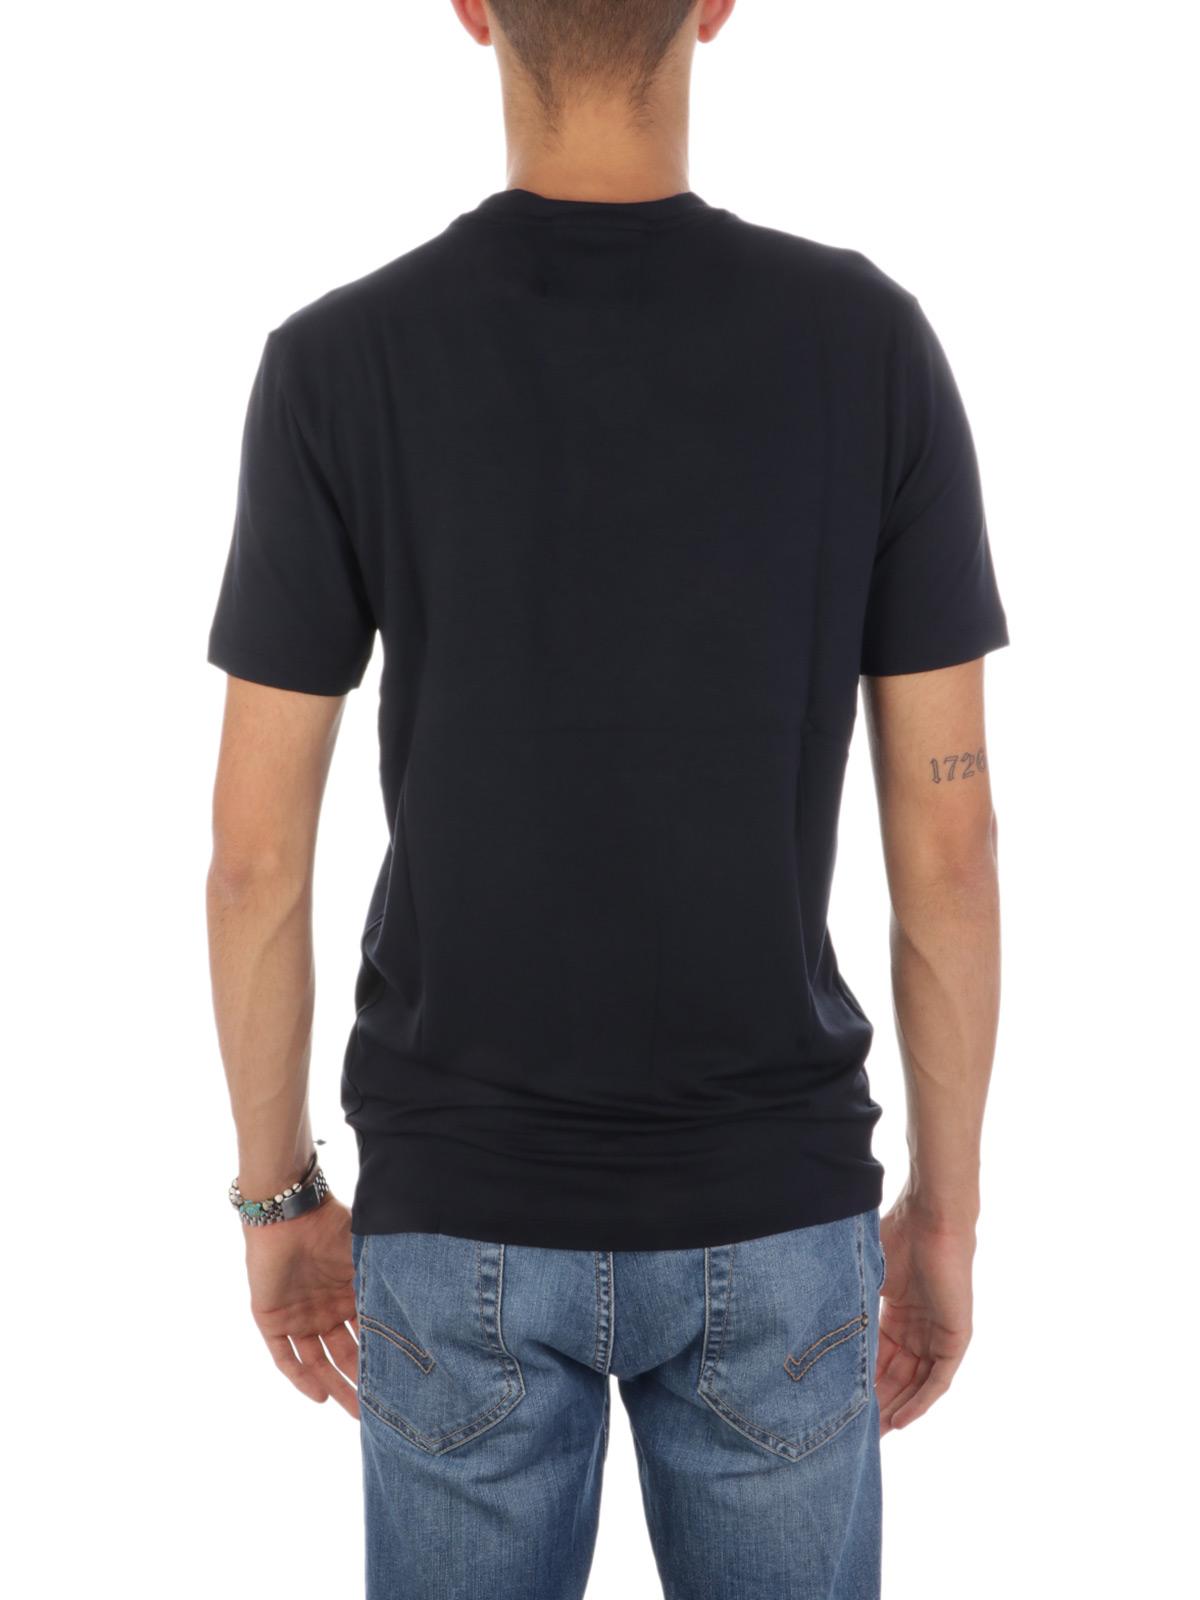 Immagine di EMPORIO ARMANI | T-Shirt Uomo in Viscosa Stretch